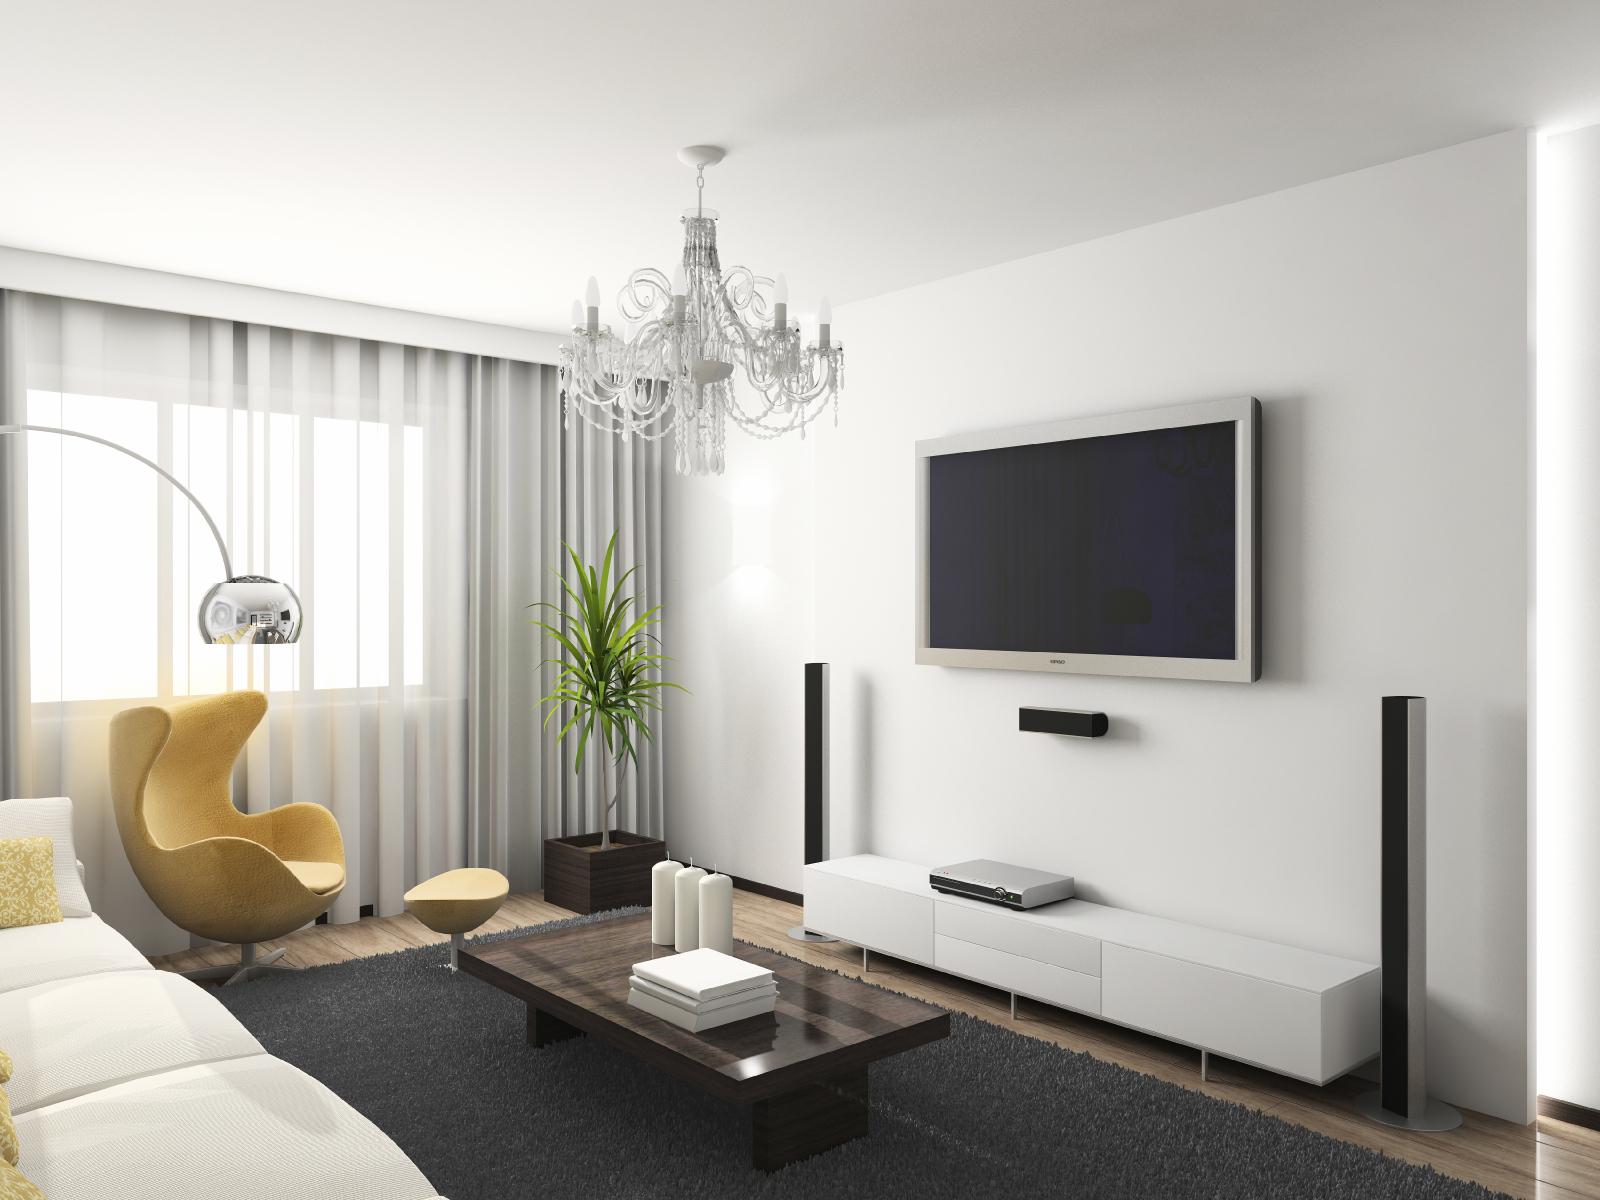 Современный интерьер комнаты 15 кв.м фото